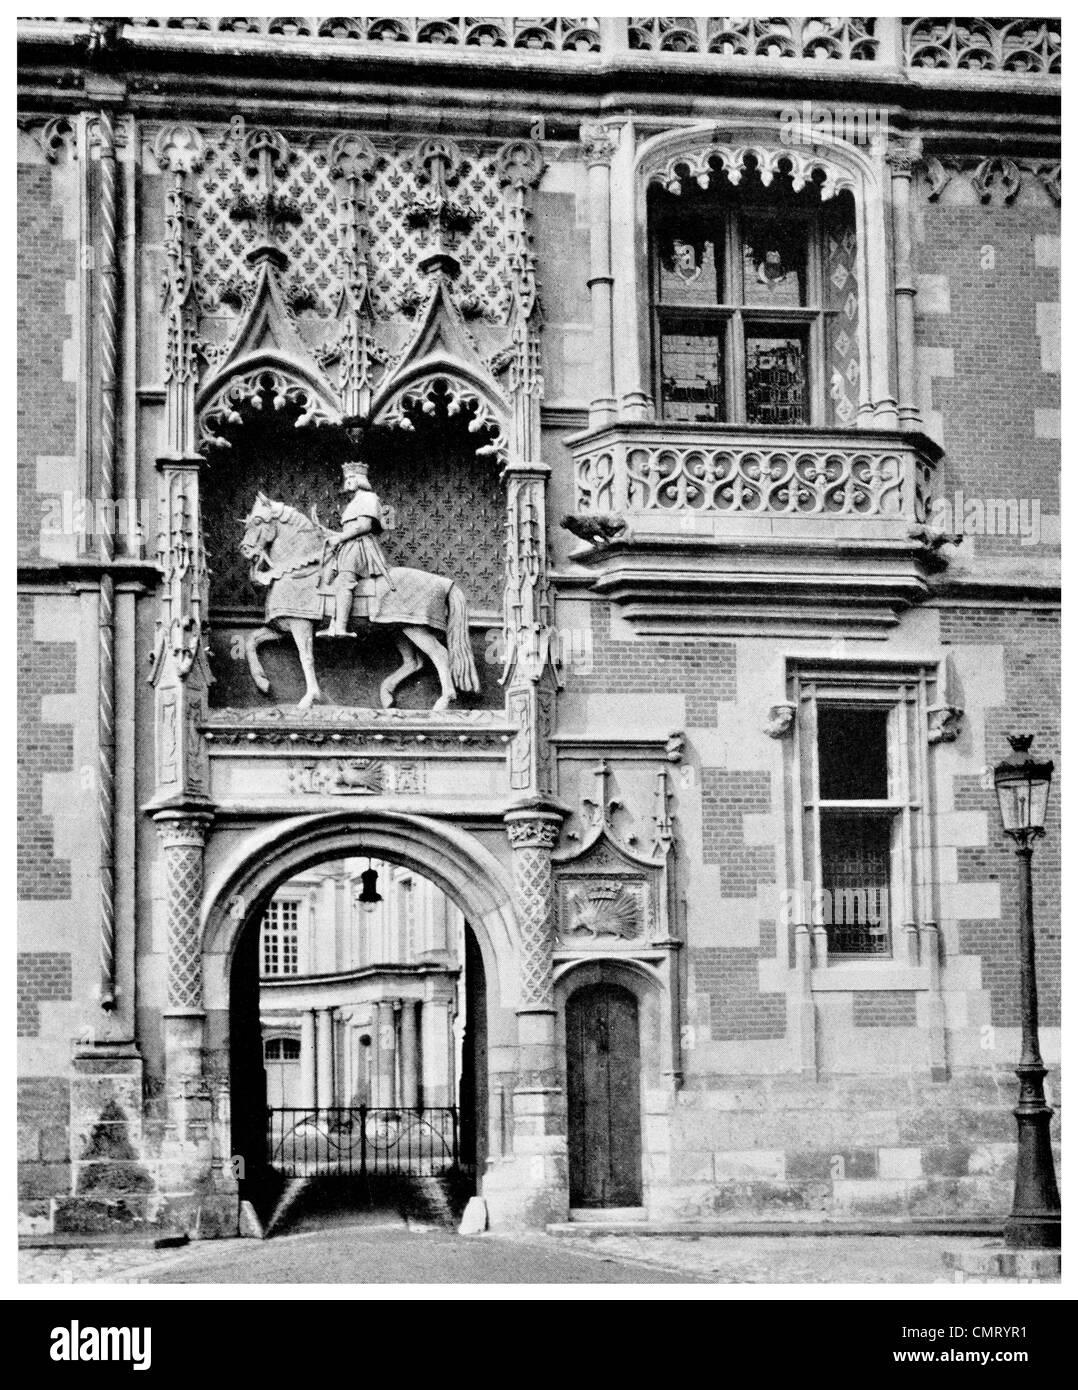 1923 Chateau of Blois entrance Loir-et-Cher département  Loire Valley France - Stock Image